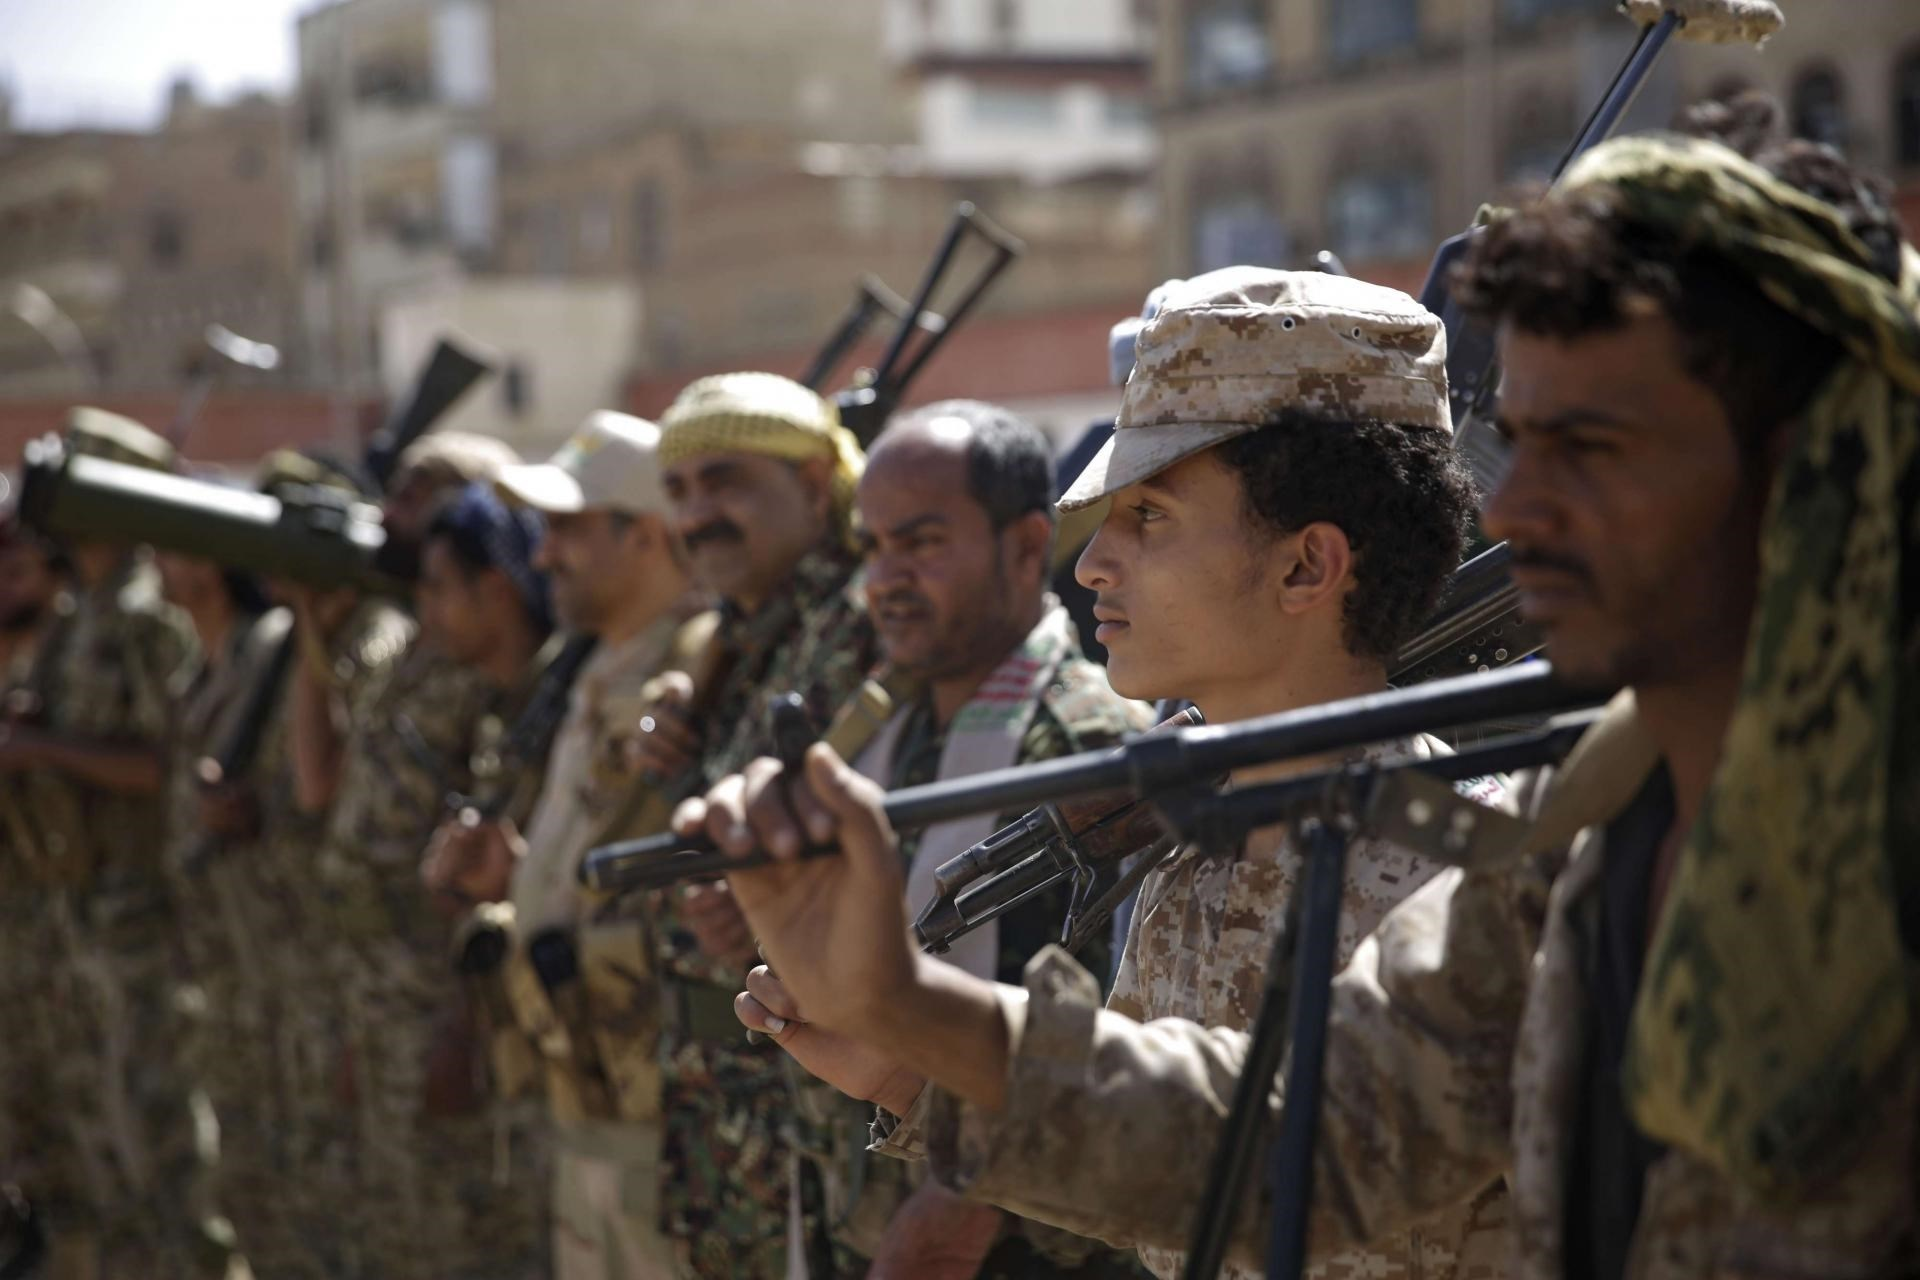 الجيشِ اليمني يسيطر على معاقل تنظيمَي القاعدة وداعش في منطقتي قيفة ويكّلّا